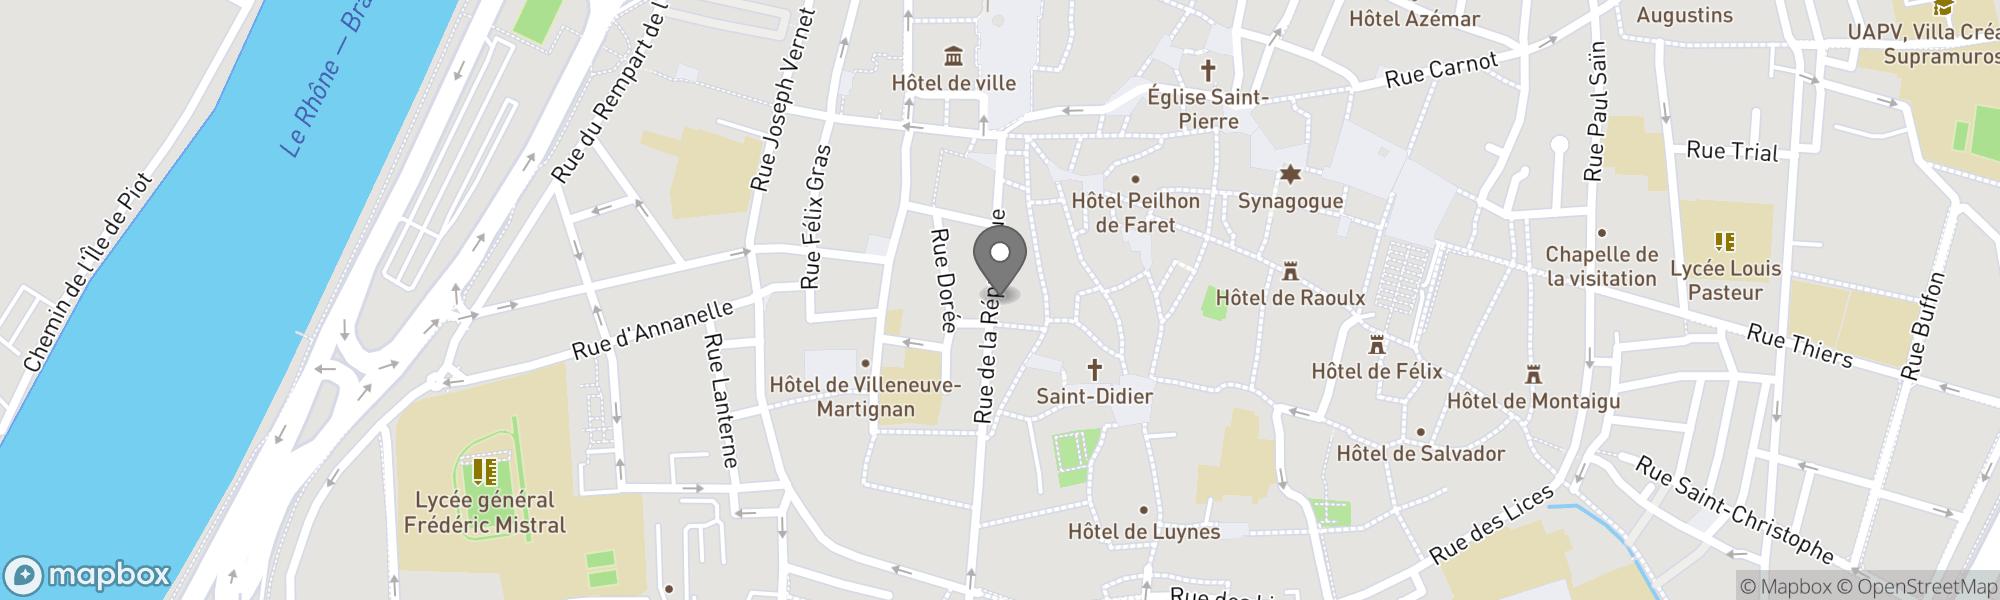 Map of Avignon area